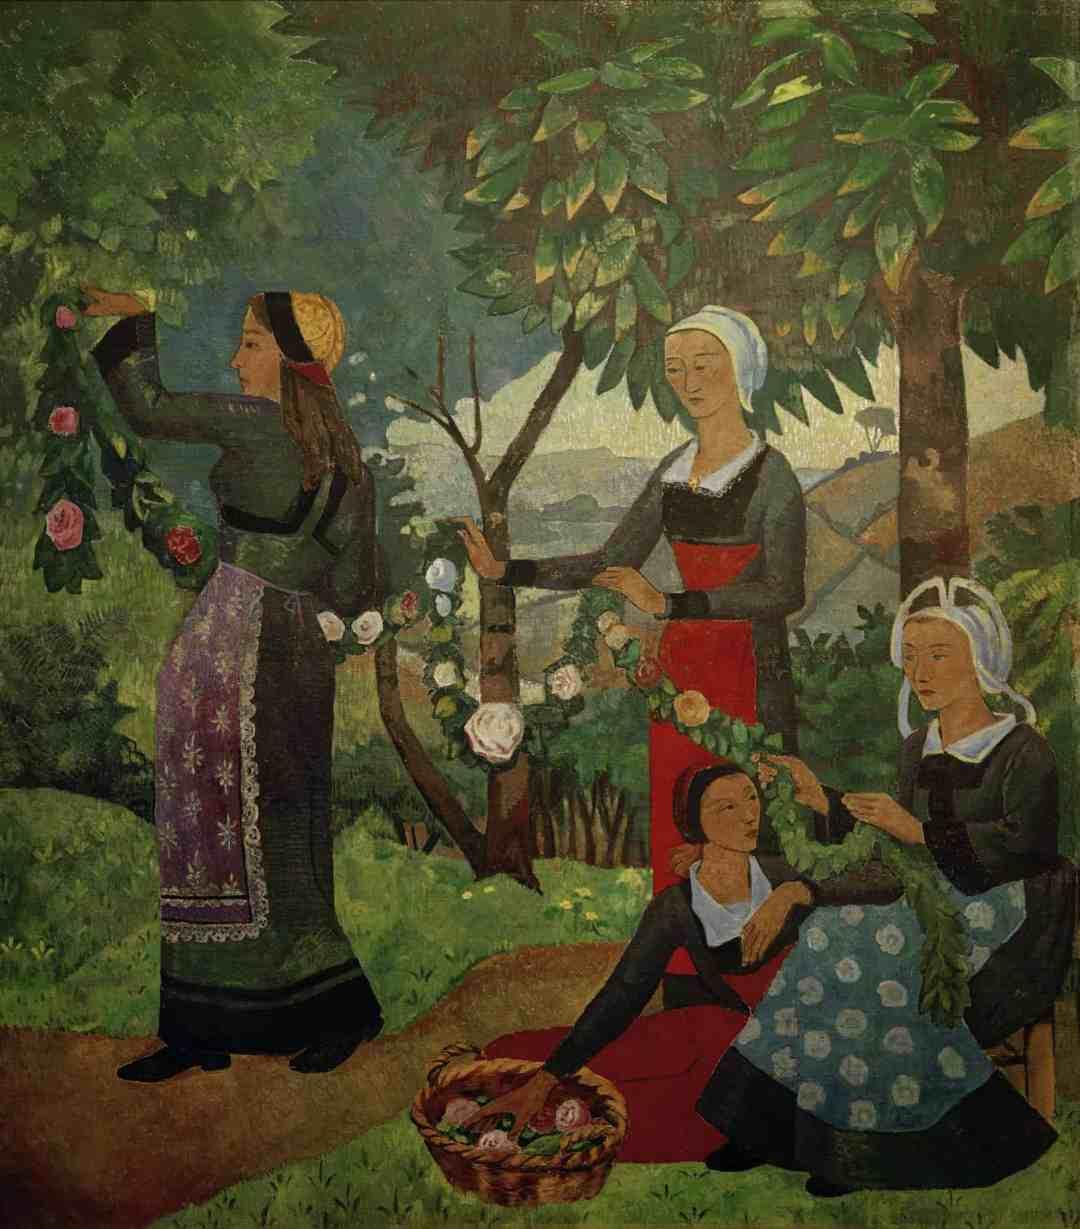 Paul Sérusier, La guirlande de roses, 1898 Huile sur toile, 194 × 175 cm. Genève, Association des Amis du Petit Palais. © akg-images